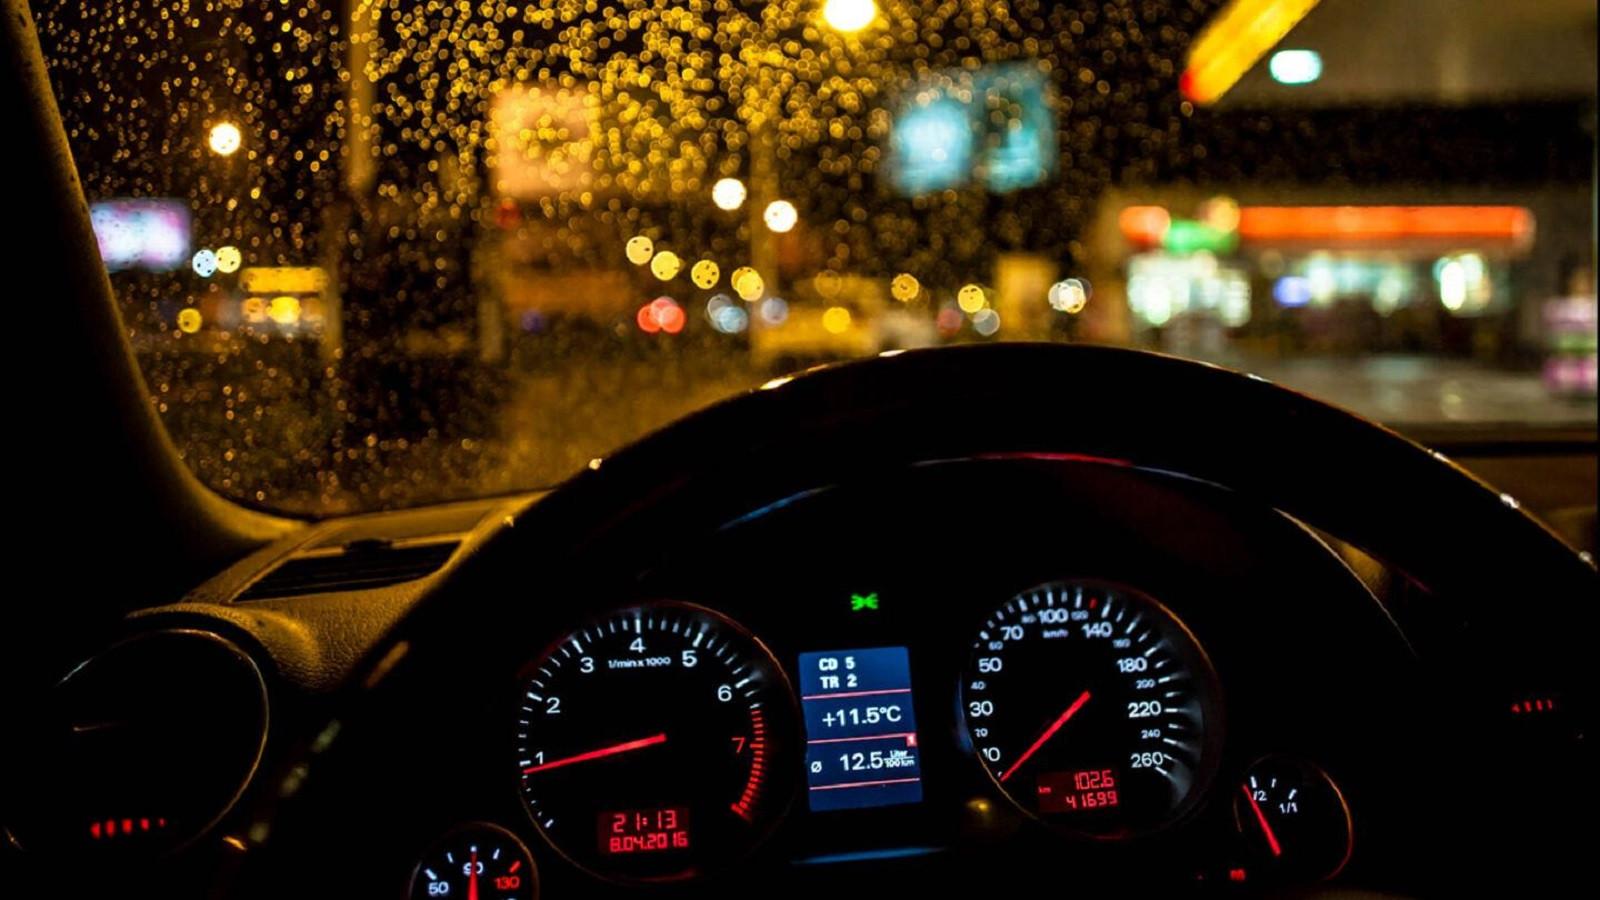 kinh nghiệm lái xe ban đêm